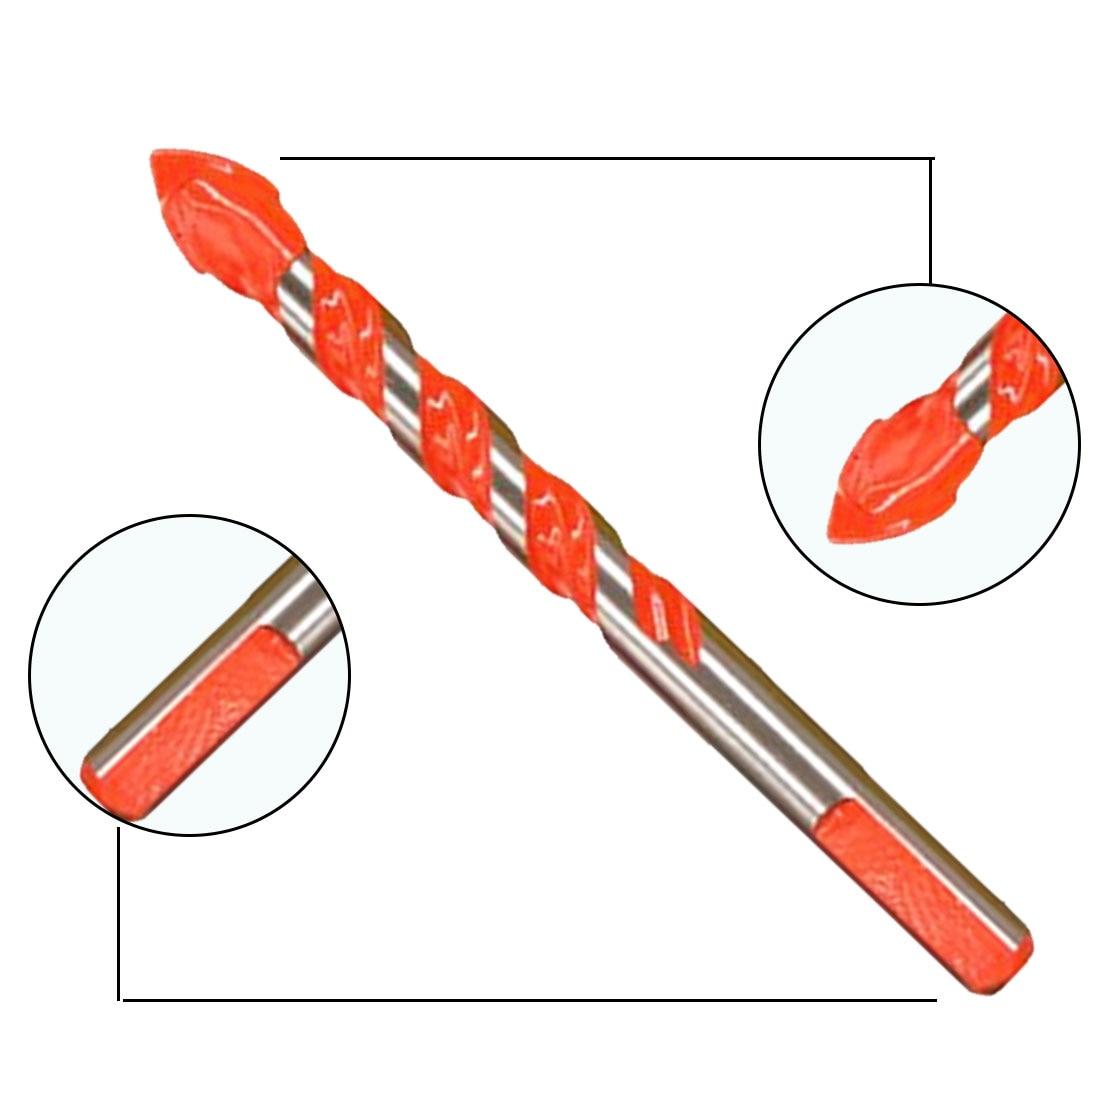 Herramientas Eléctricas de 6mm-12mm 1 Uds. Martillo de perforación de diamante para concreto, azulejo de cerámica, vástago redondo de Metal, taladro de Sierra de pared DIY